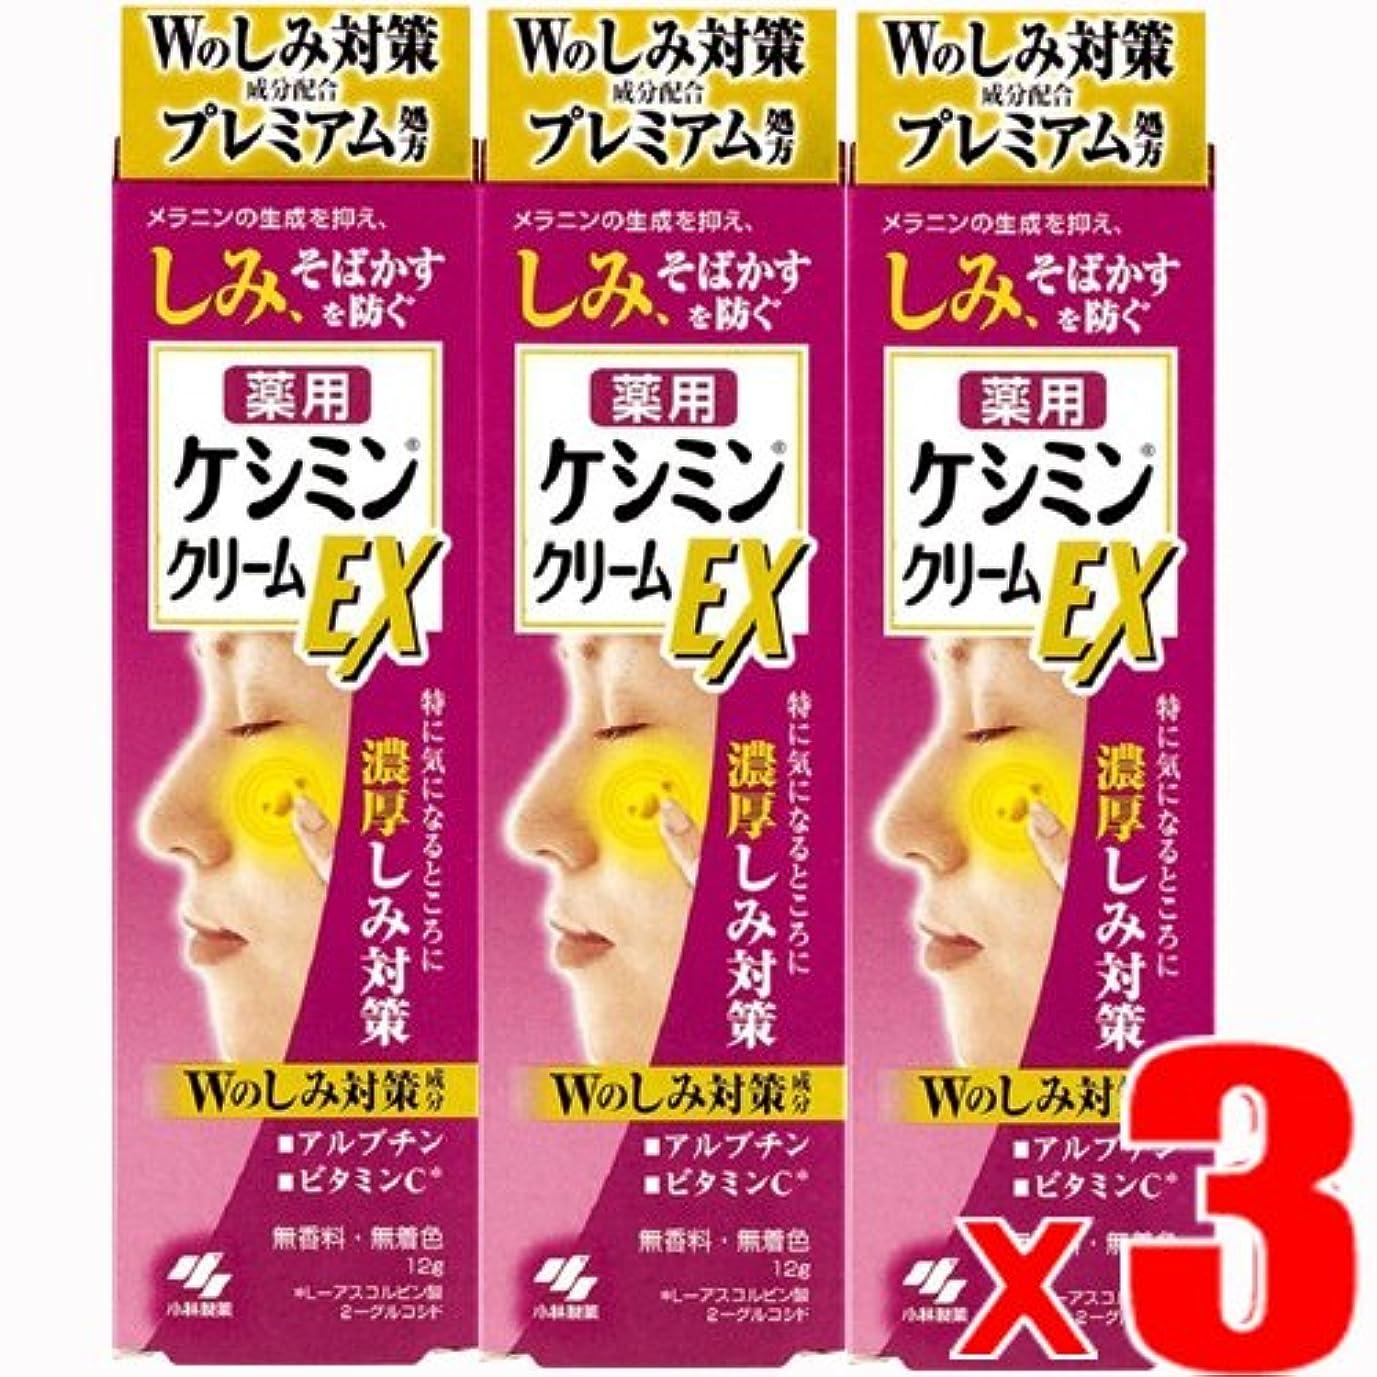 目覚める経験にはまって【3個】ケシミンクリームEX 濃厚シミ対策 塗るビタミンC アルブチン 12gx3個 (4987072047590-3)